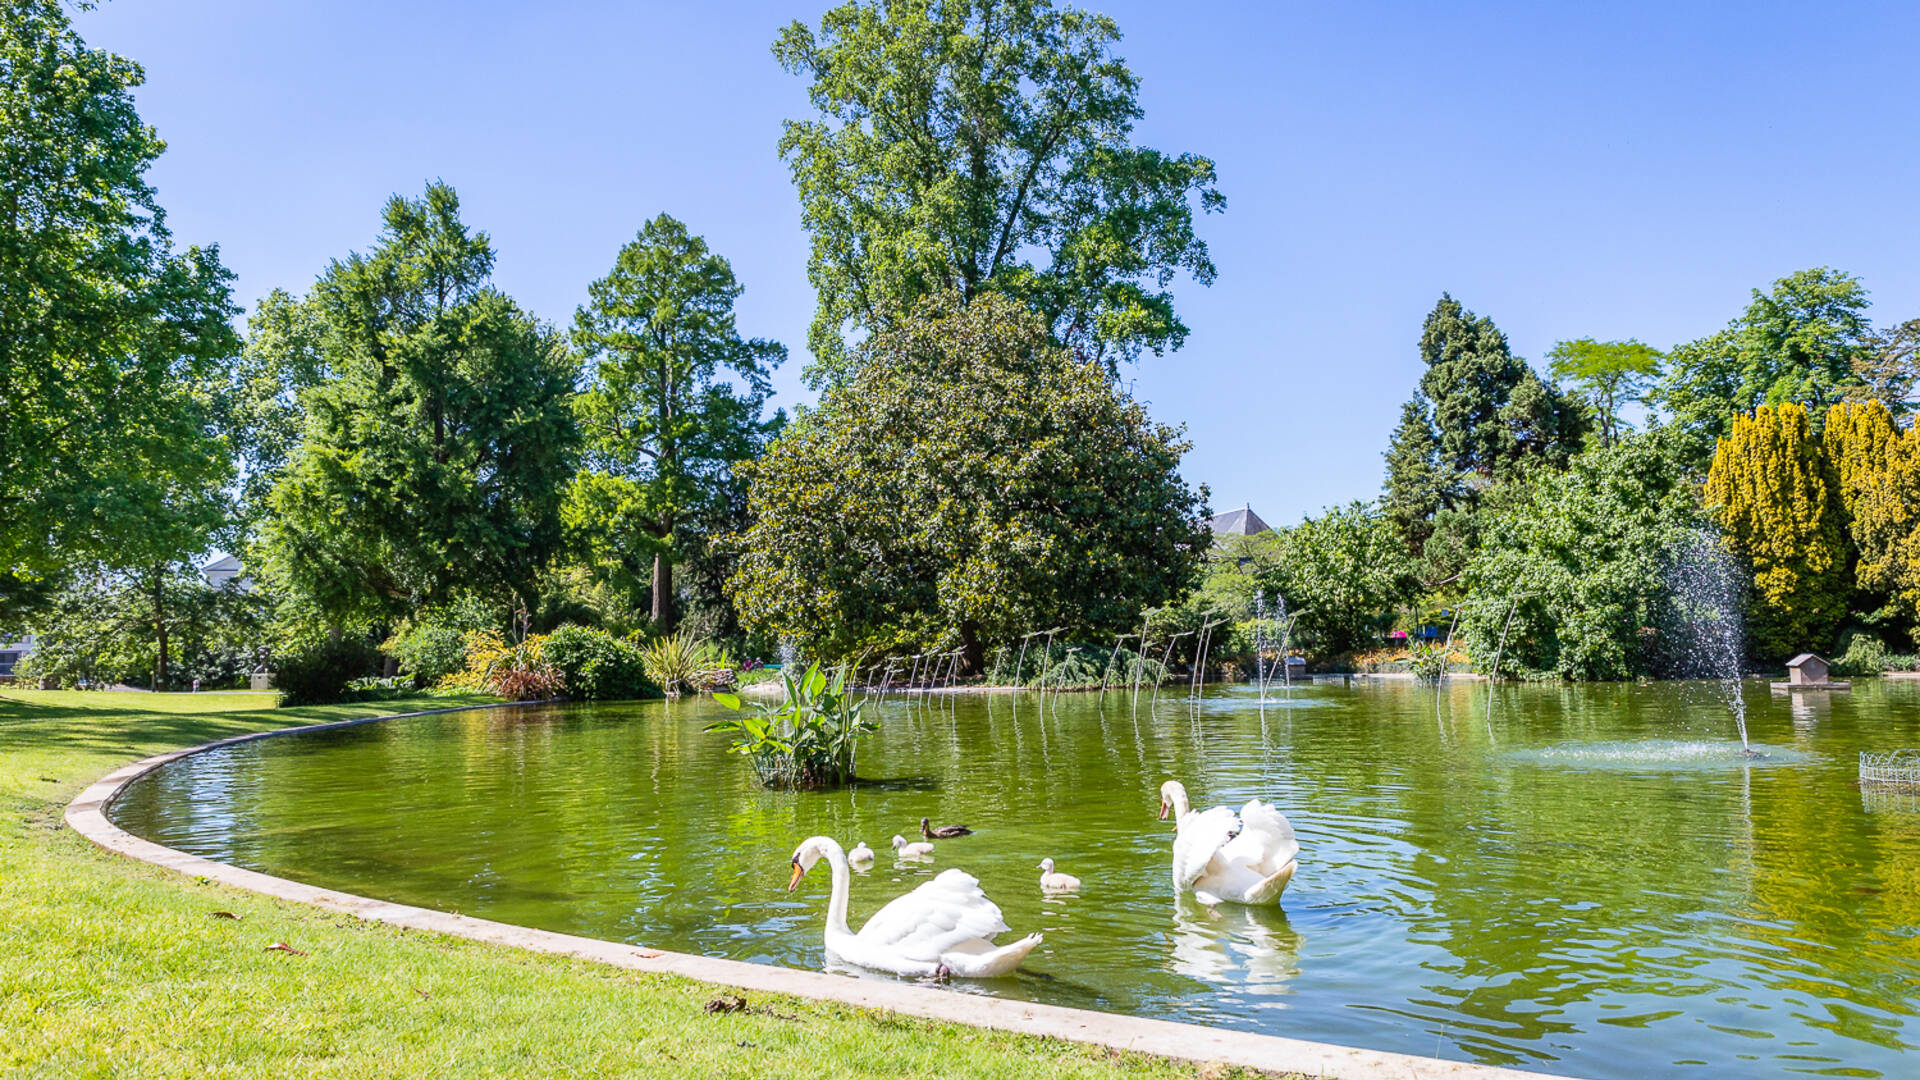 Cygnes sur le plan d'eau du jardin des plantes d'Angers